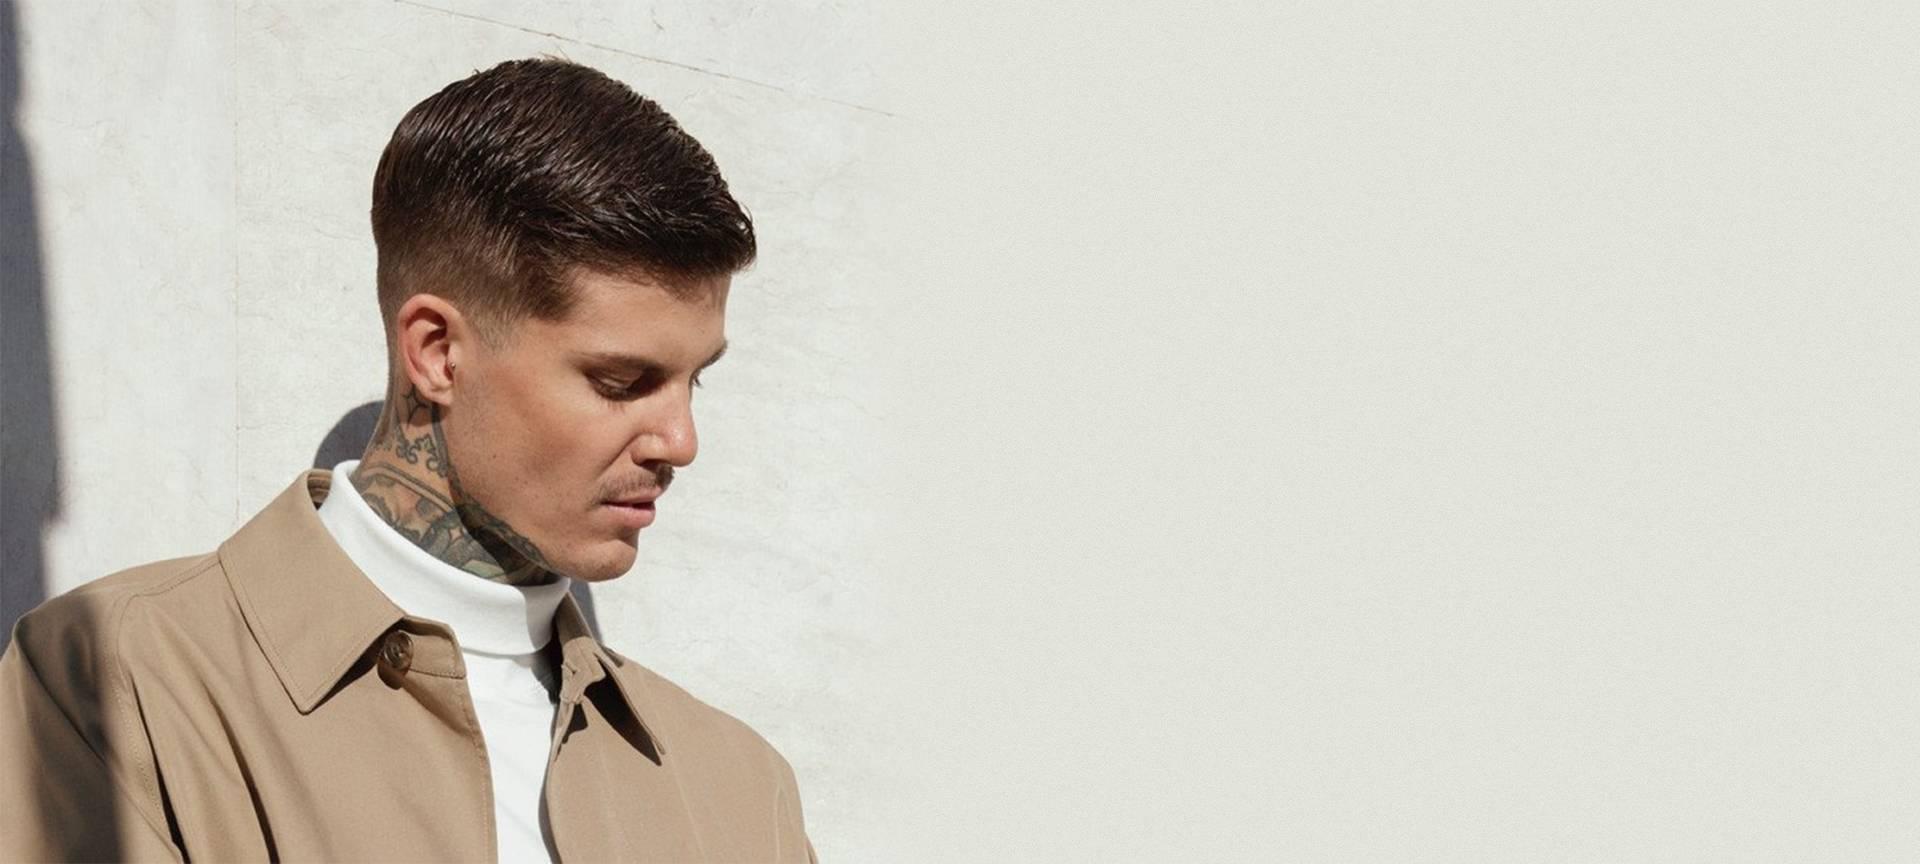 Mann kurze haare Männer Kurze